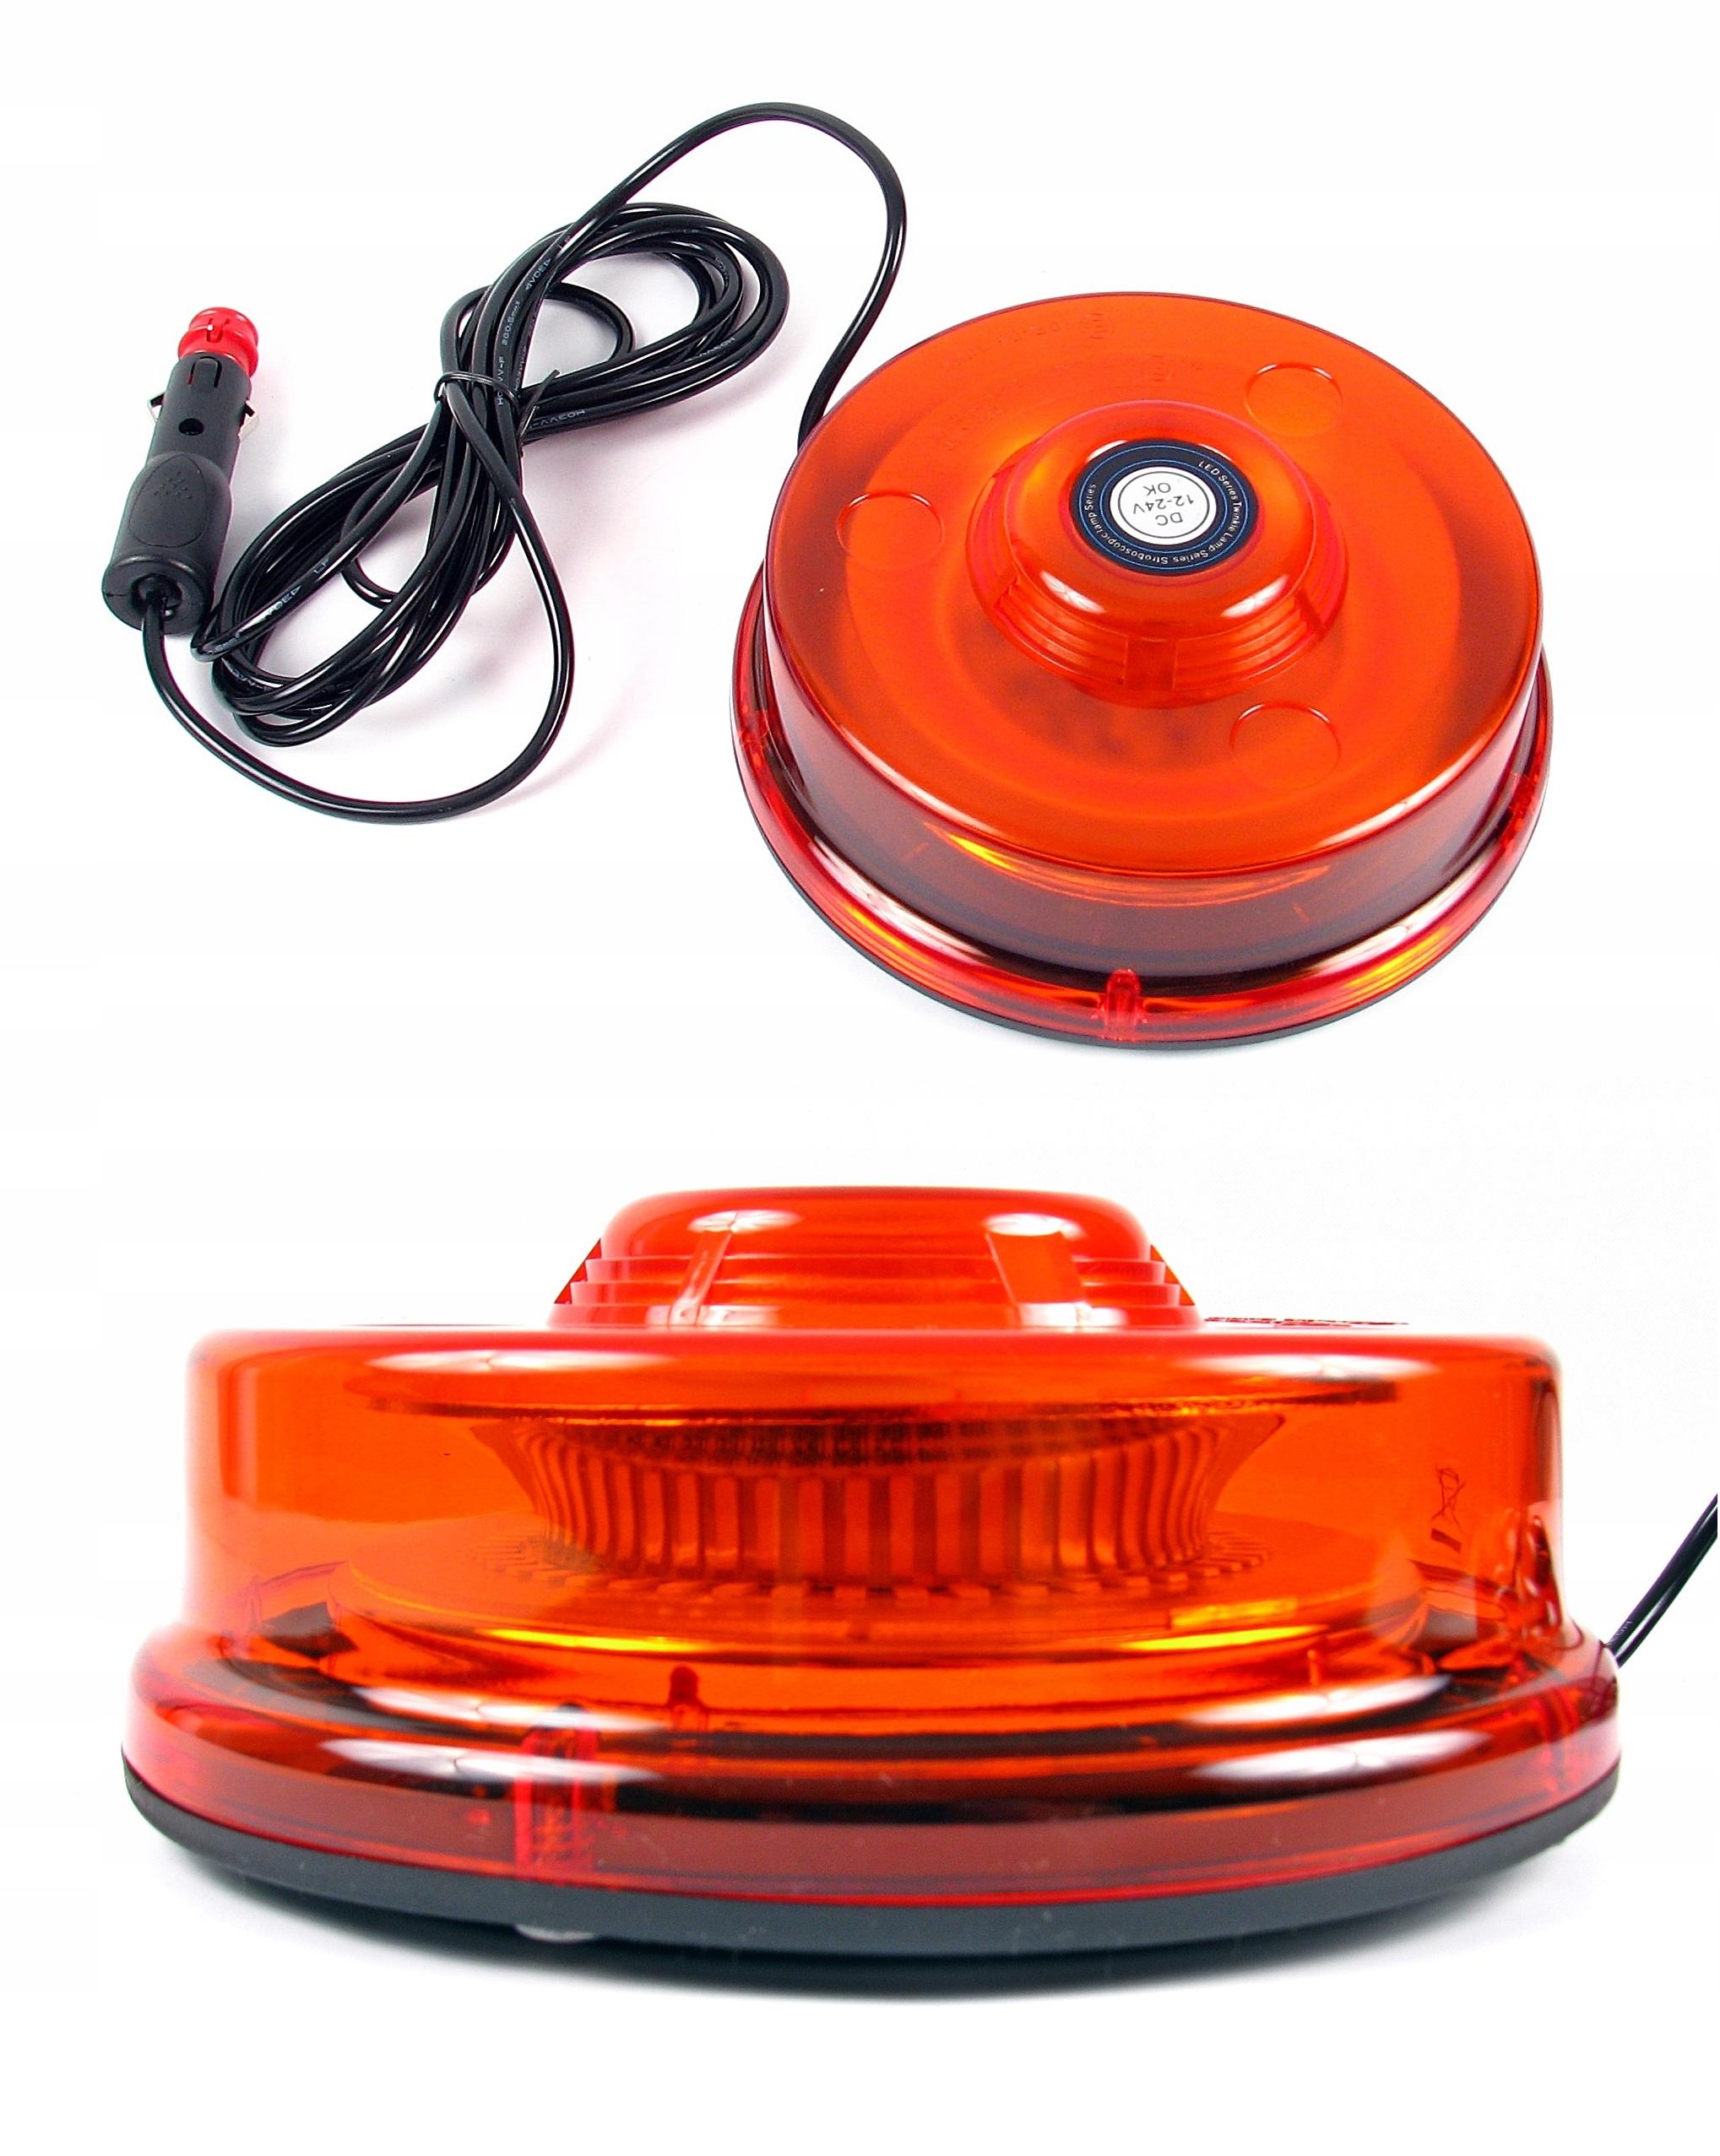 петух нло лампа предупреждения led стробоскопа на магнит